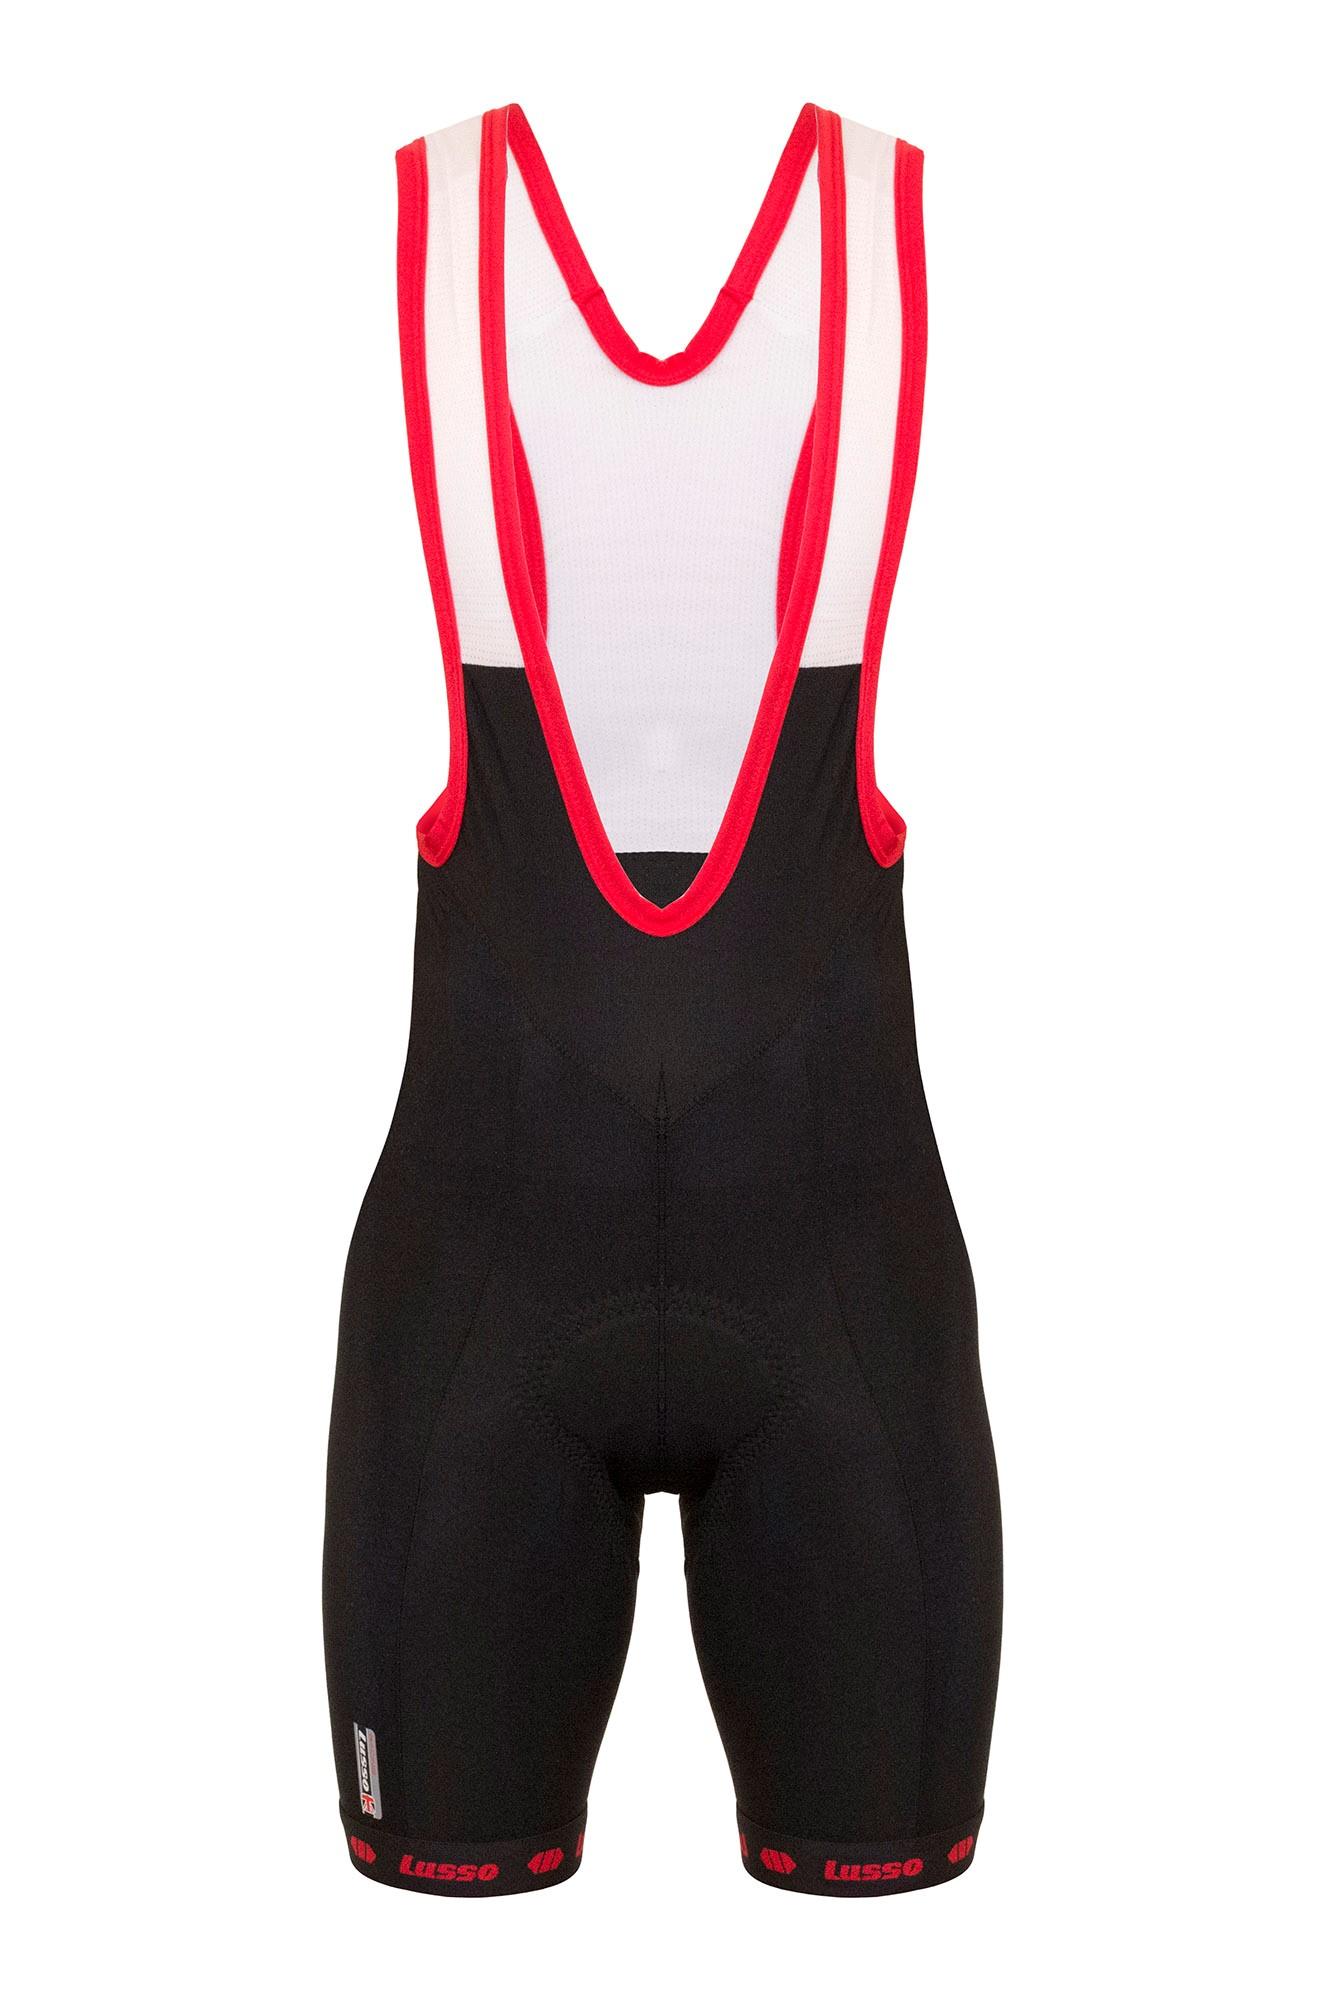 6603422dd Lusso Aero 50 Cycling Bib Shorts